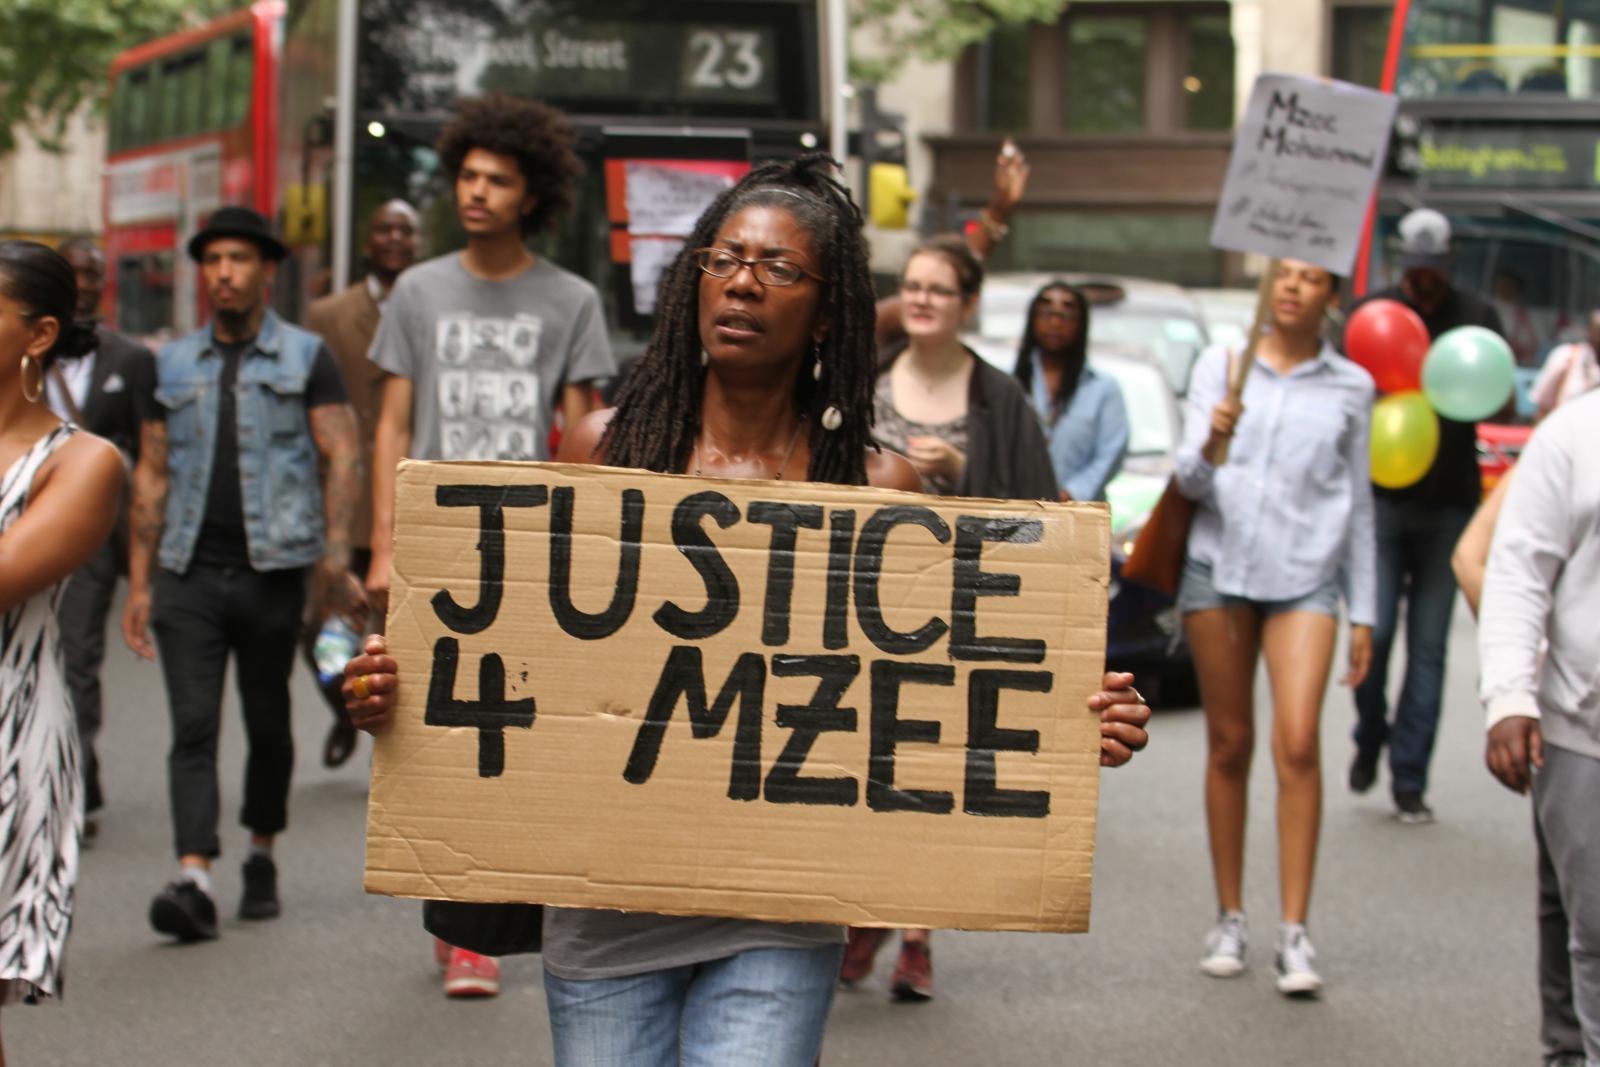 Mzee Mohammad